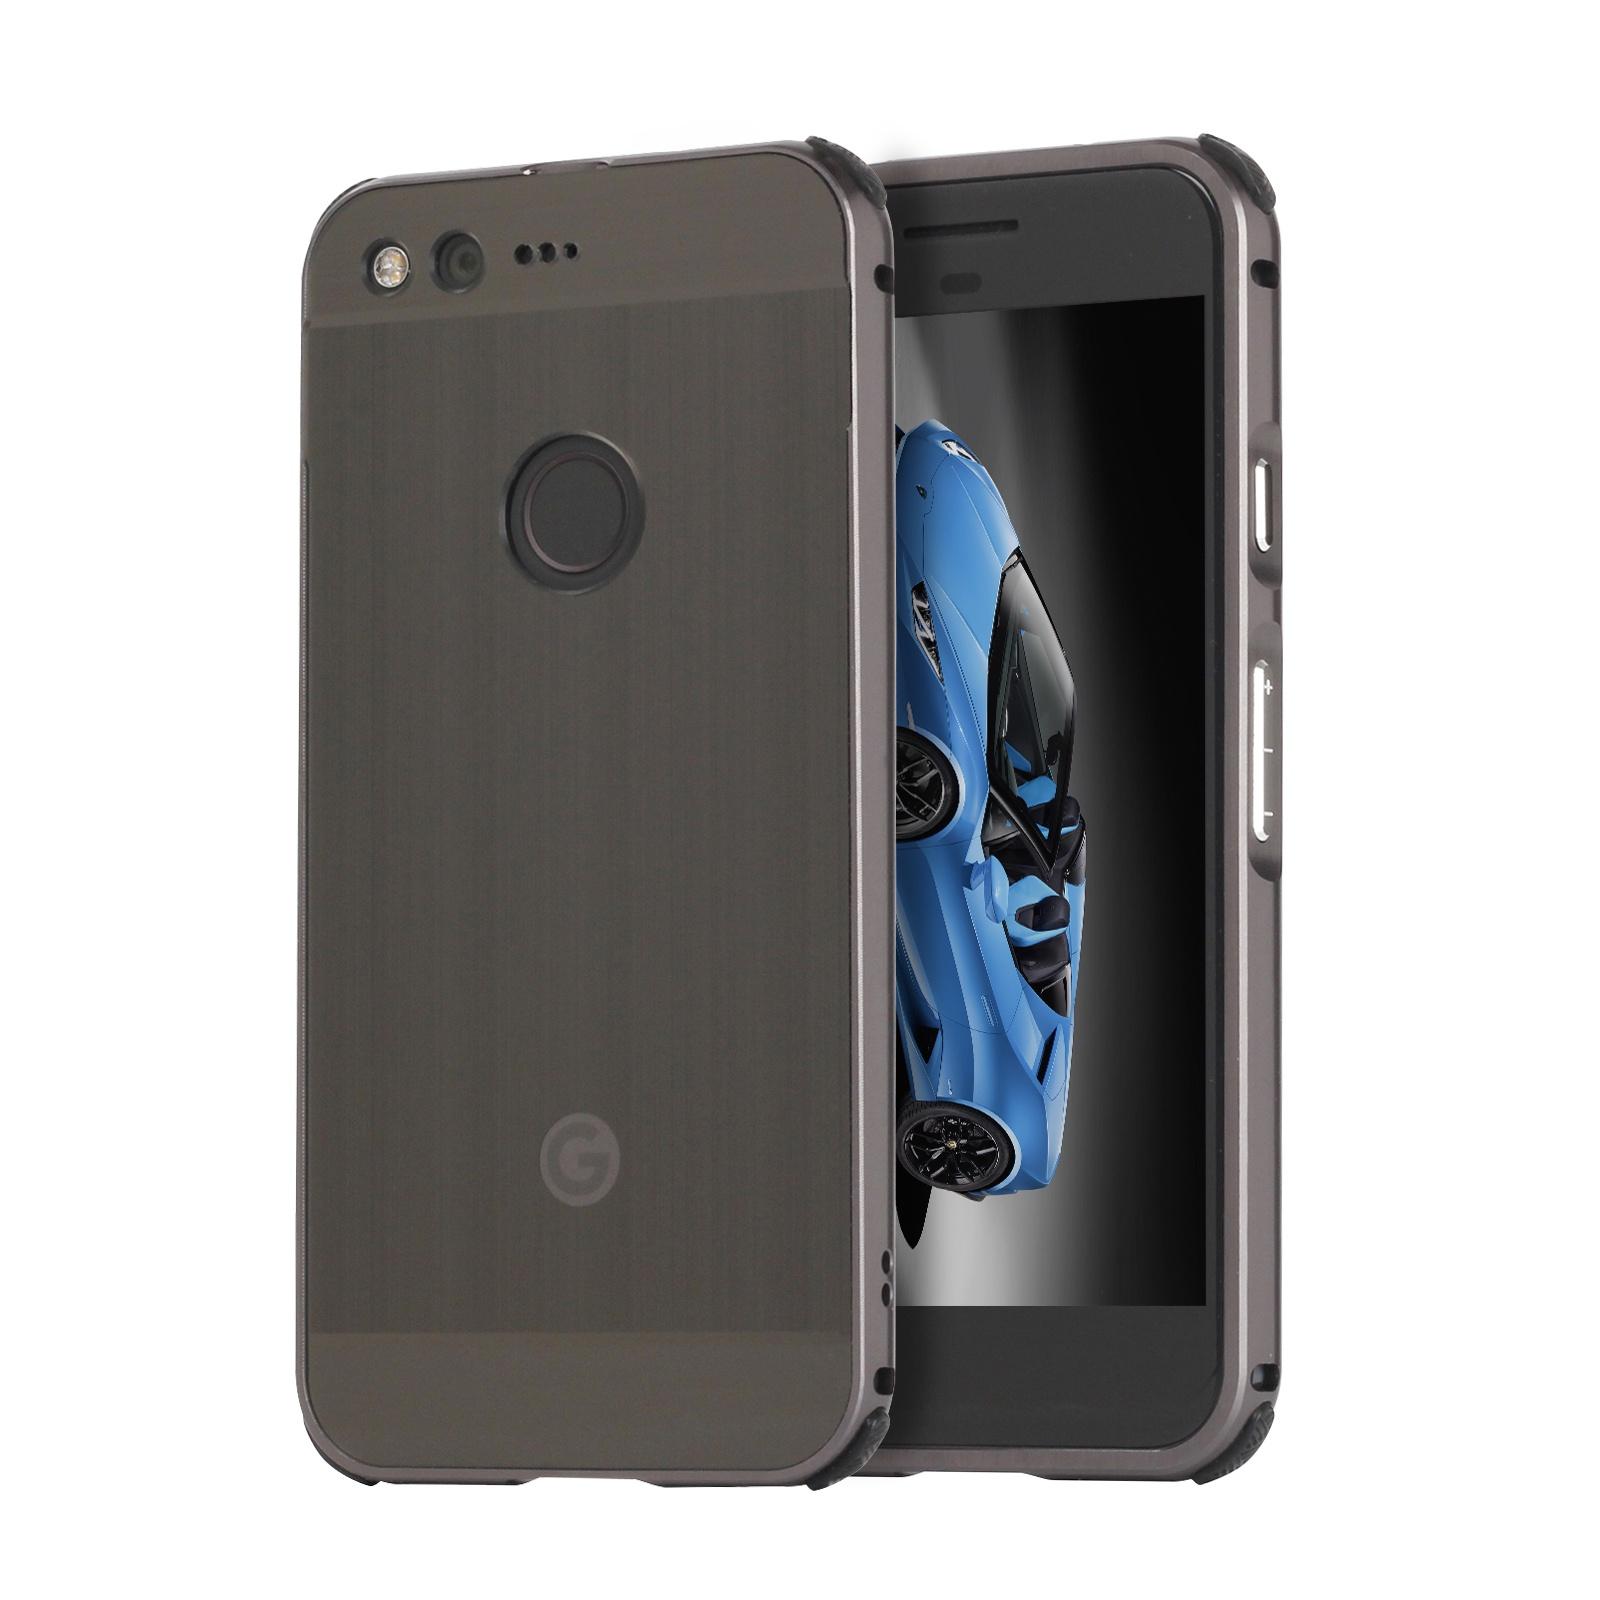 Чехол-бампер MyPads для Google Pixel XL c алюминиевым металлическим бампером и поликарбонатной накладкой черный планшет google pixel c